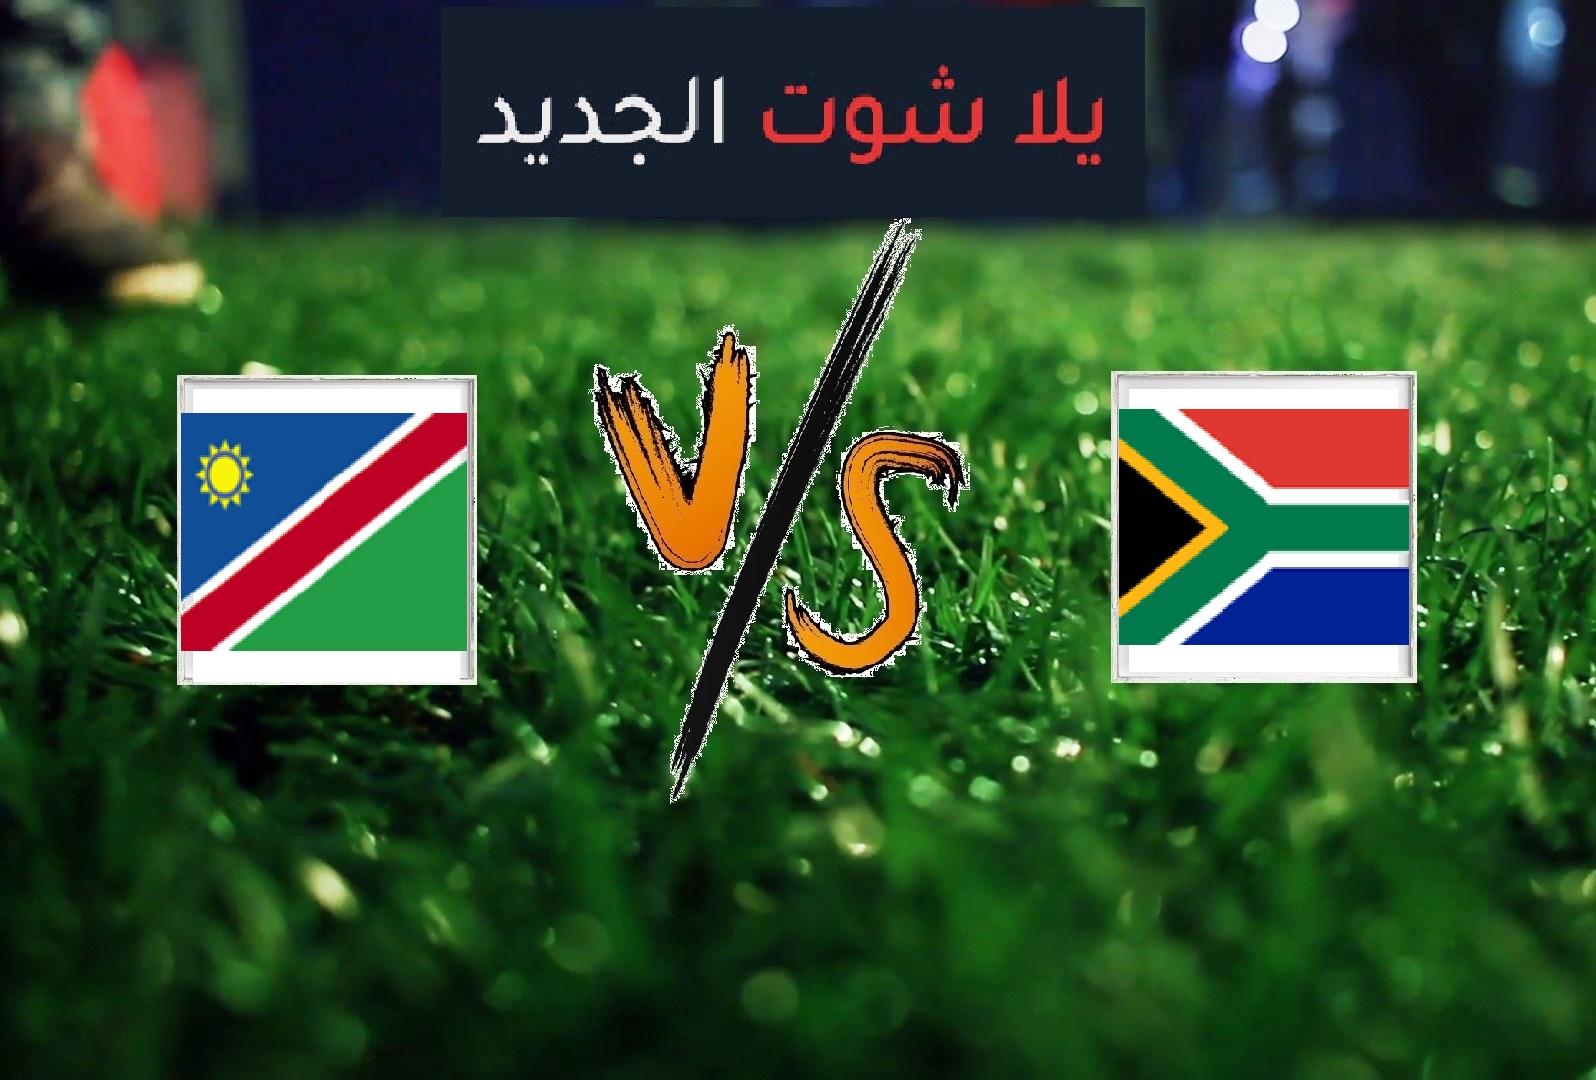 نتيجة مباراة جنوب افريقيا ونامبيا بتاريخ 28-06-2019 كأس الأمم الأفريقية